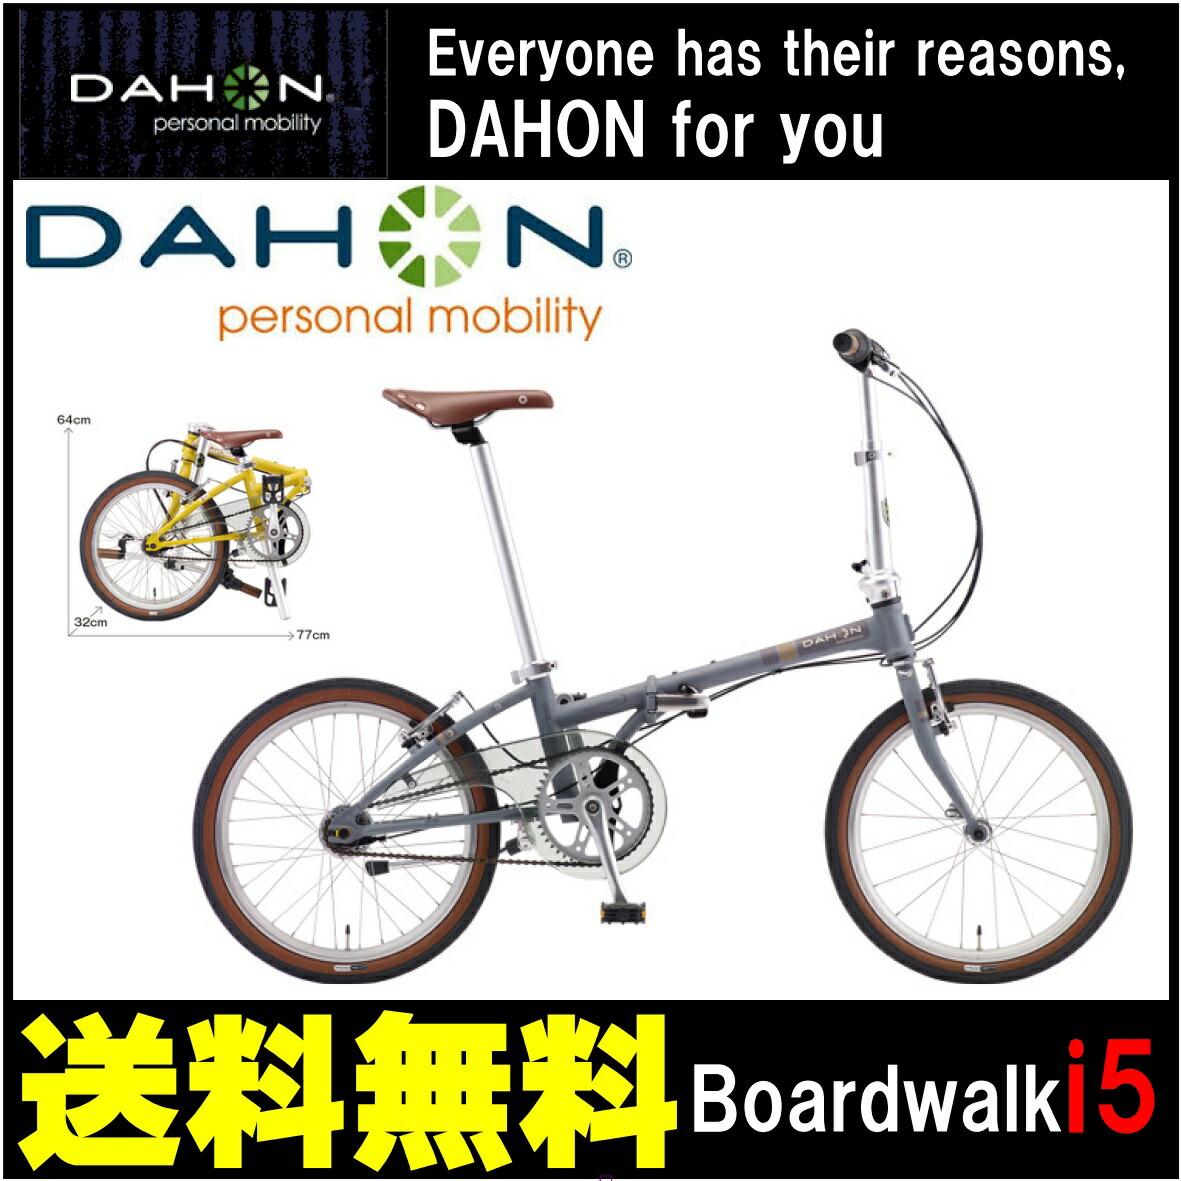 折りたたみ自転車 DAHON Boardwalk i5 ダホン 自転車 マットチャコール グレー20インチ 折りたたみ自転車 内装5段変速ギア Matt Charcoal ダホン 折りたたみ自転車 DAHON ボードウォーク i5